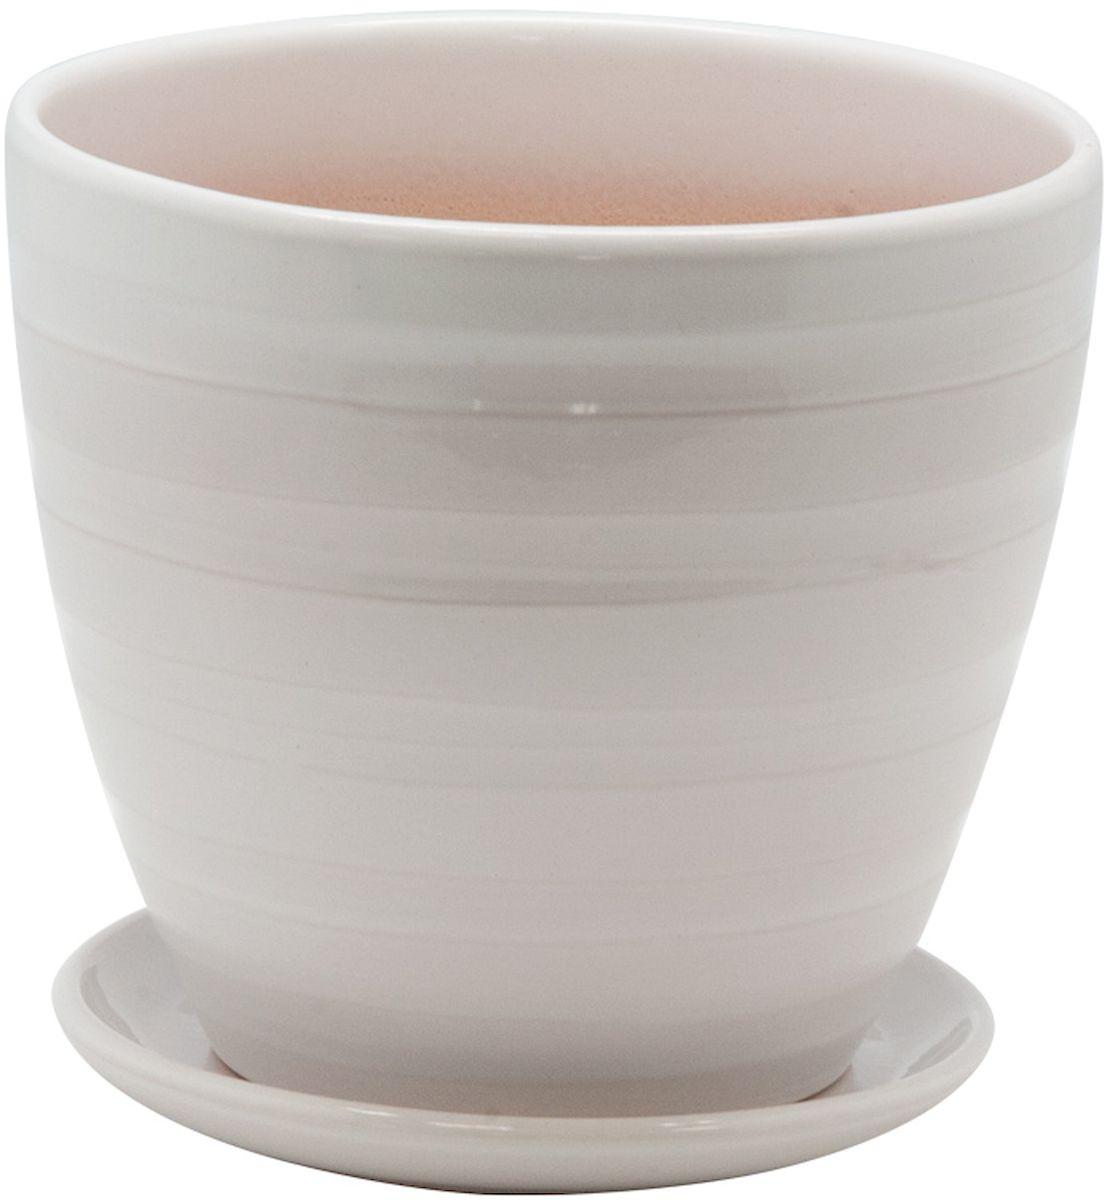 Горшок цветочный Engard, с поддоном, цвет: белый, 1,4 лBH-20-1Керамический горшок Engard - это идеальное решение для выращивания комнатных растений и создания изысканности в интерьере. Керамический горшок сделан из высококачественной глины в классической форме и оригинальном дизайне.Объем: 1,4 л.